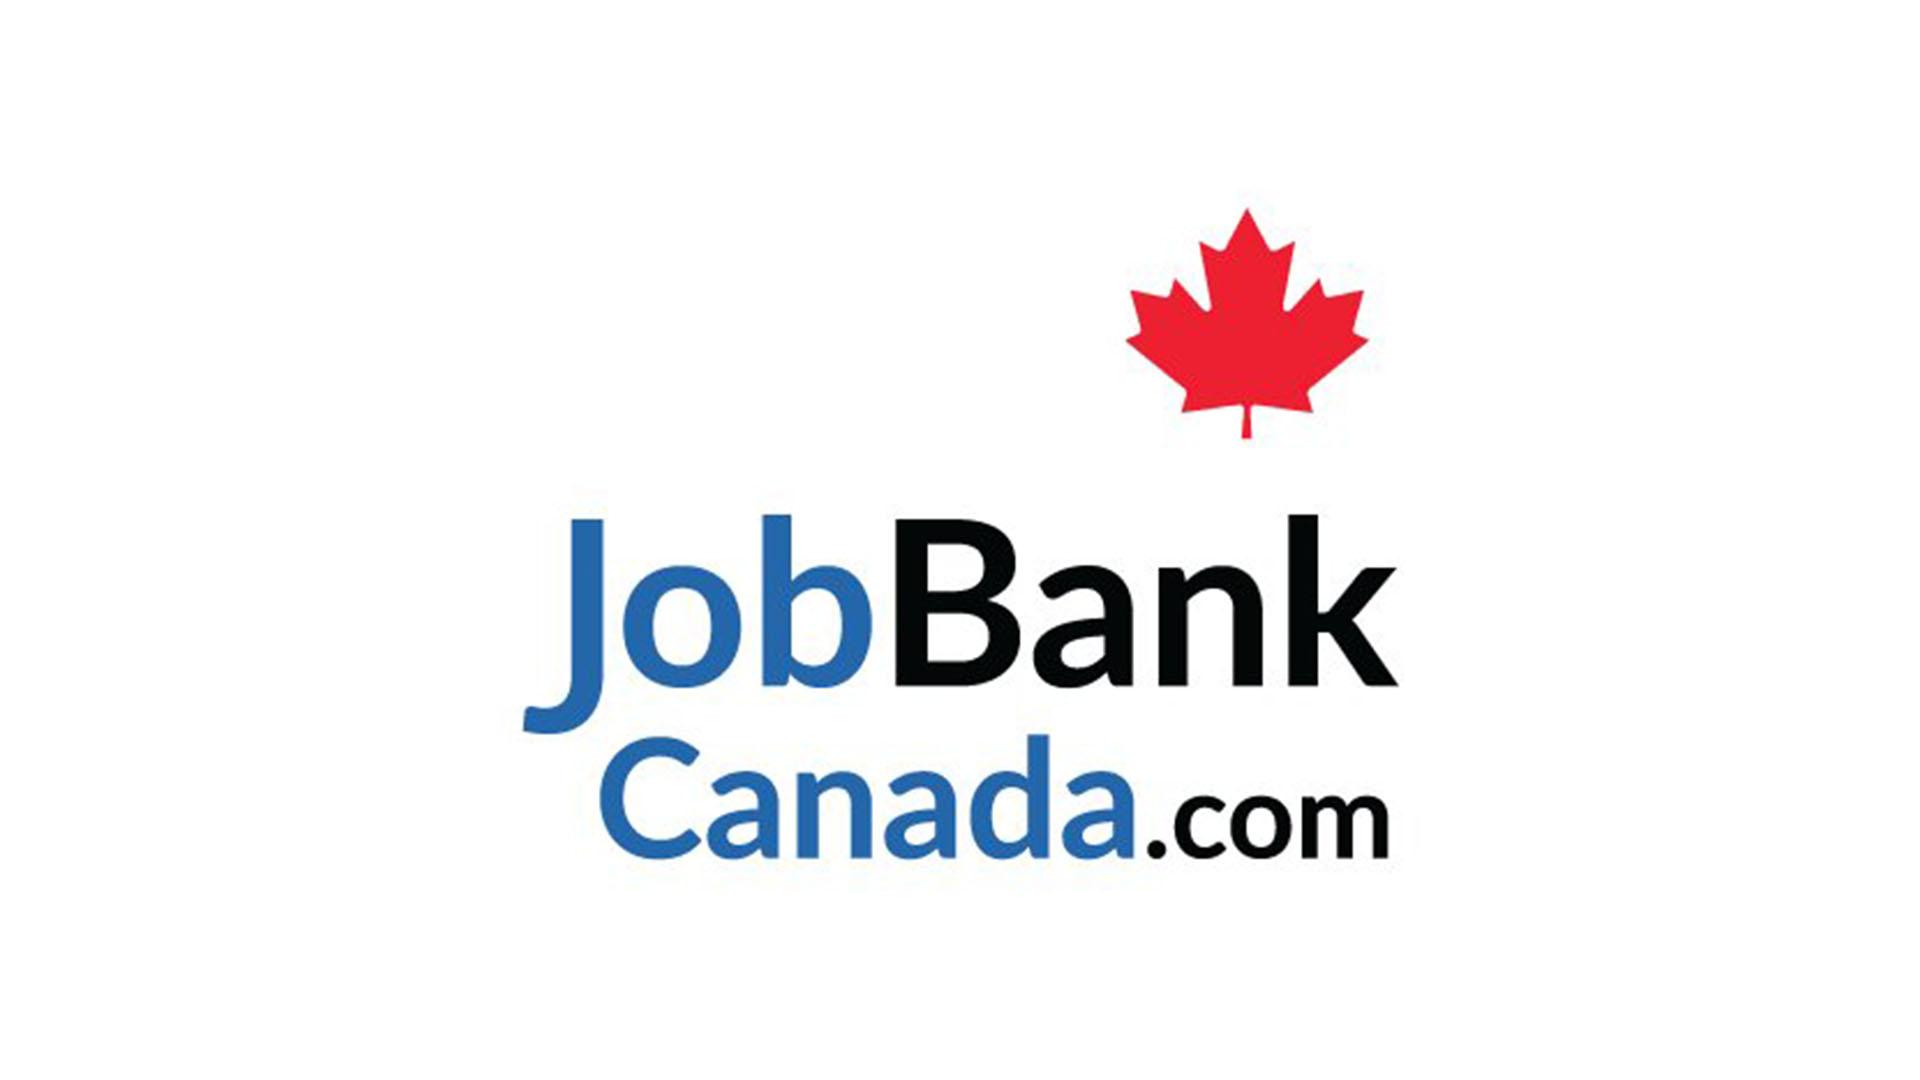 JobBank - Một trong những trang web tuyển dụng phổ biến tại Canada